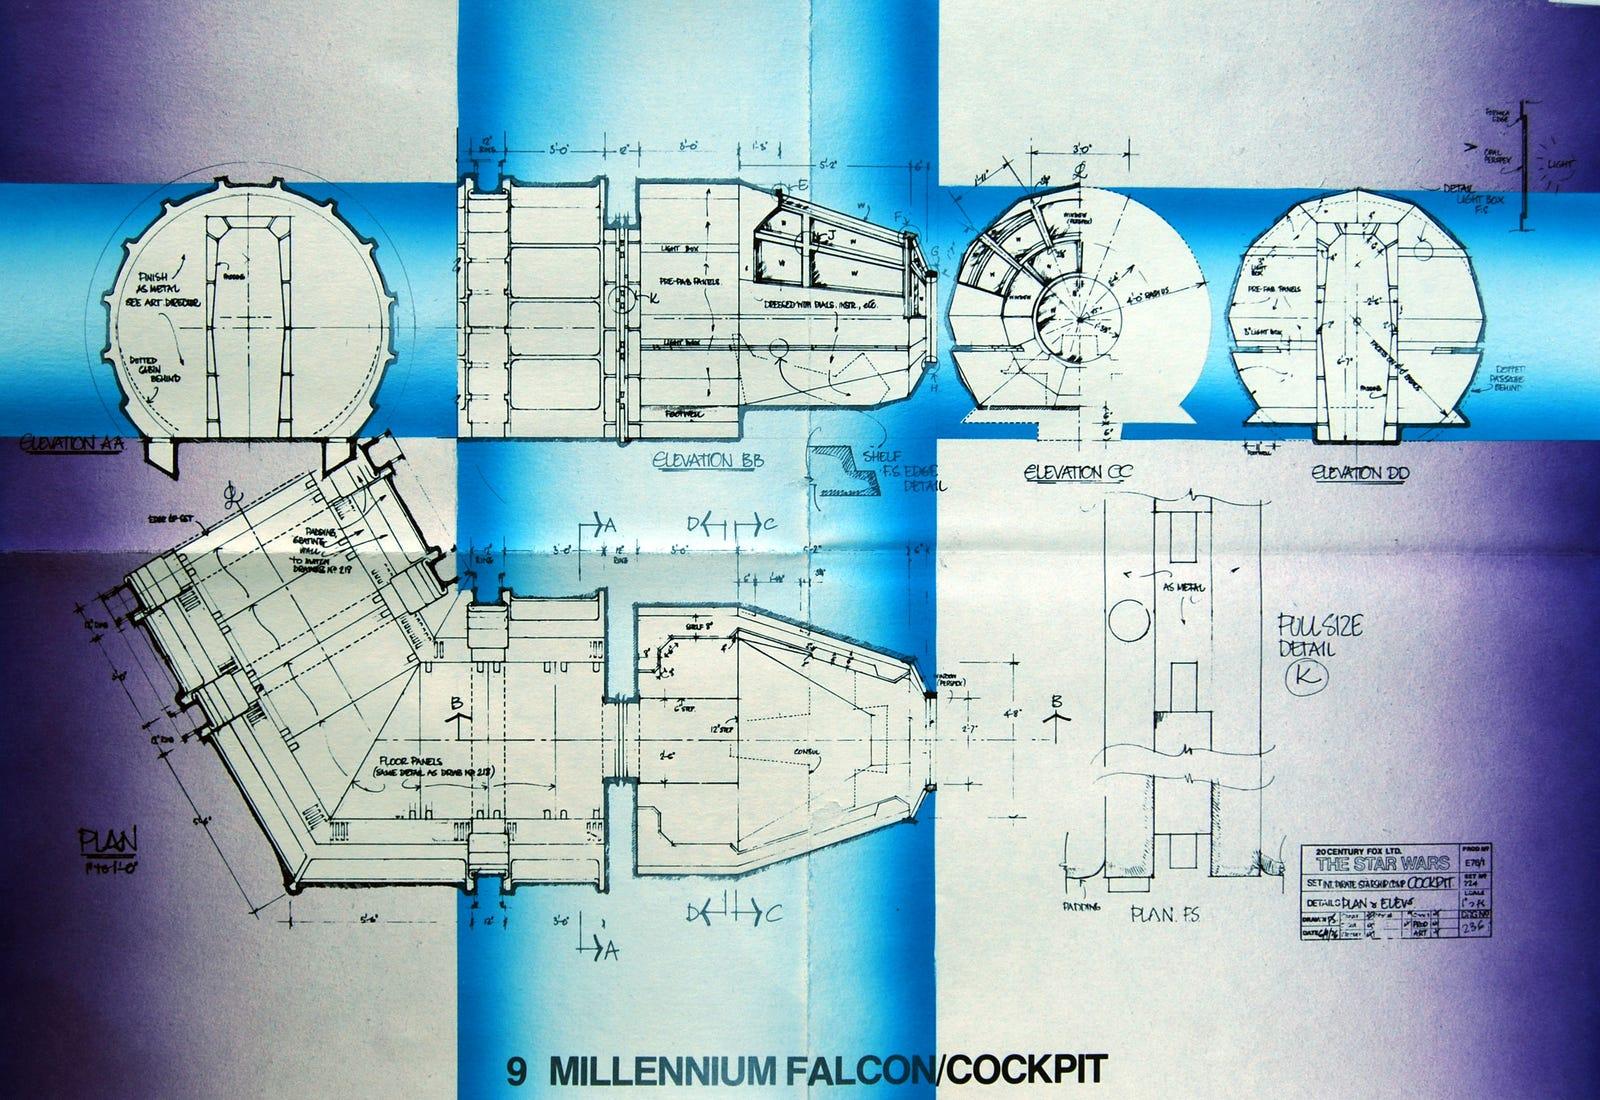 Andrew Wodzianski - Millennium Falcon Cockpit